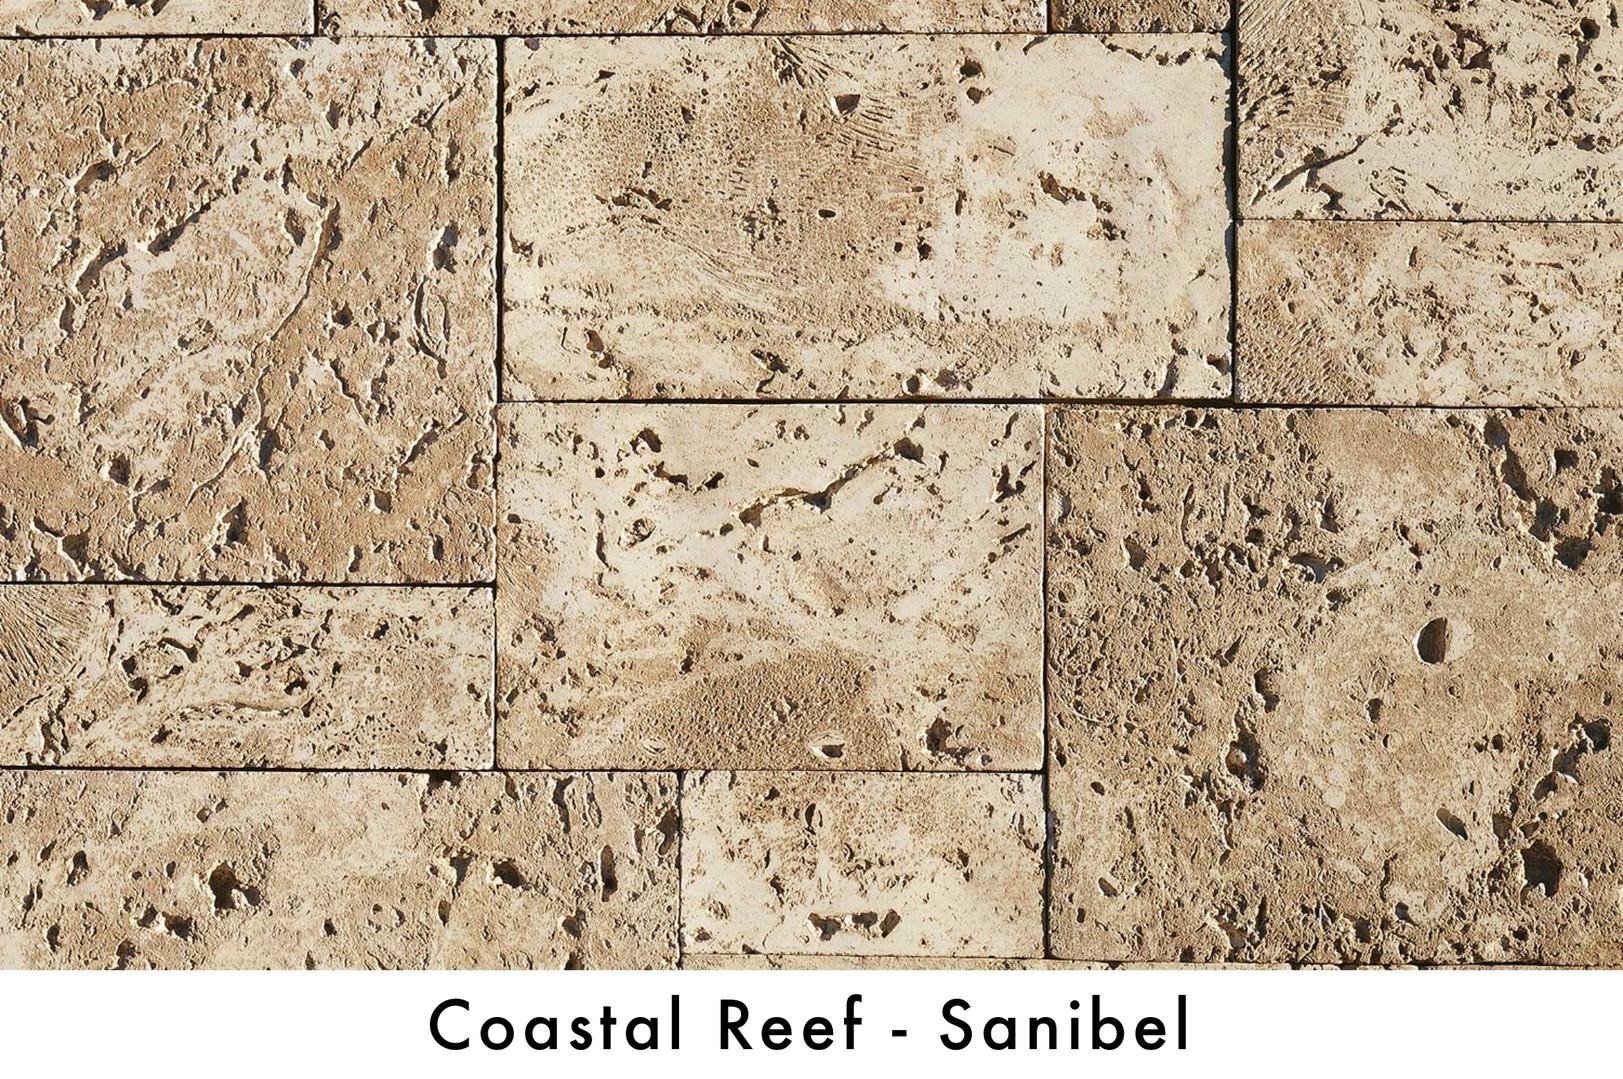 Coastal Reef - Sanibel